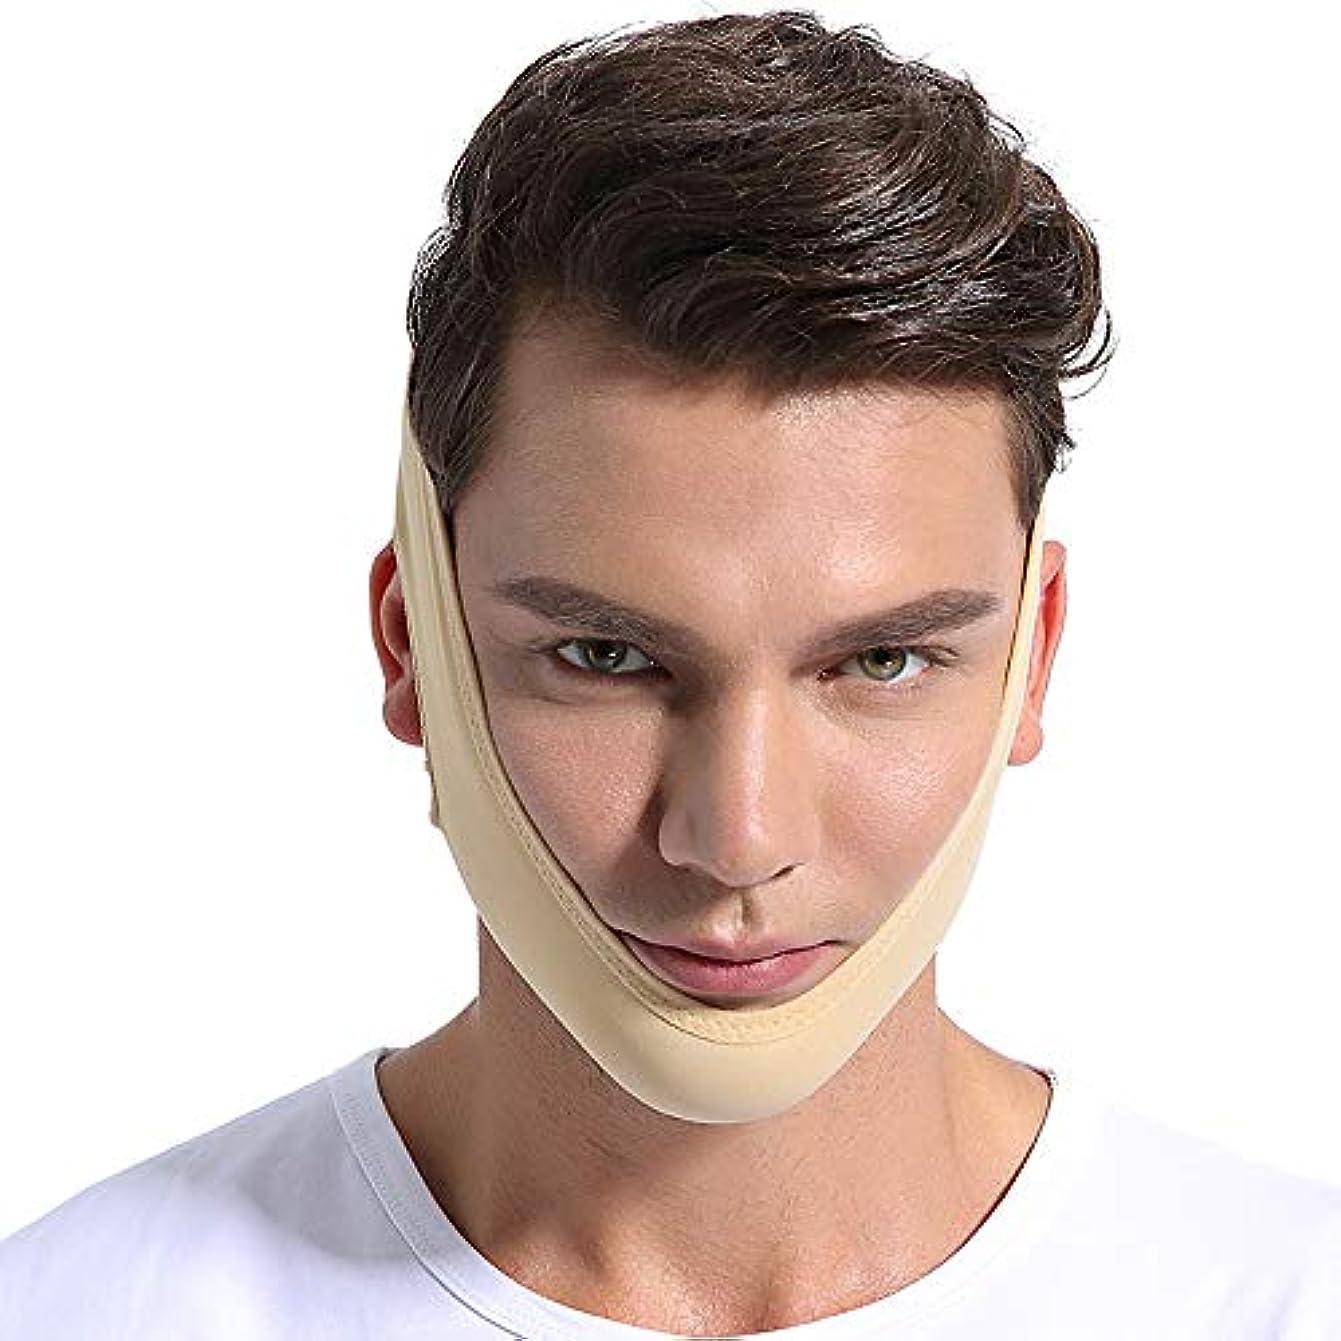 電気技師からに変化する送料顔面持ち上げ用具、Vフェイスの薄い顔の包帯顔面マッサージ器リフティングパッキングマスク,L